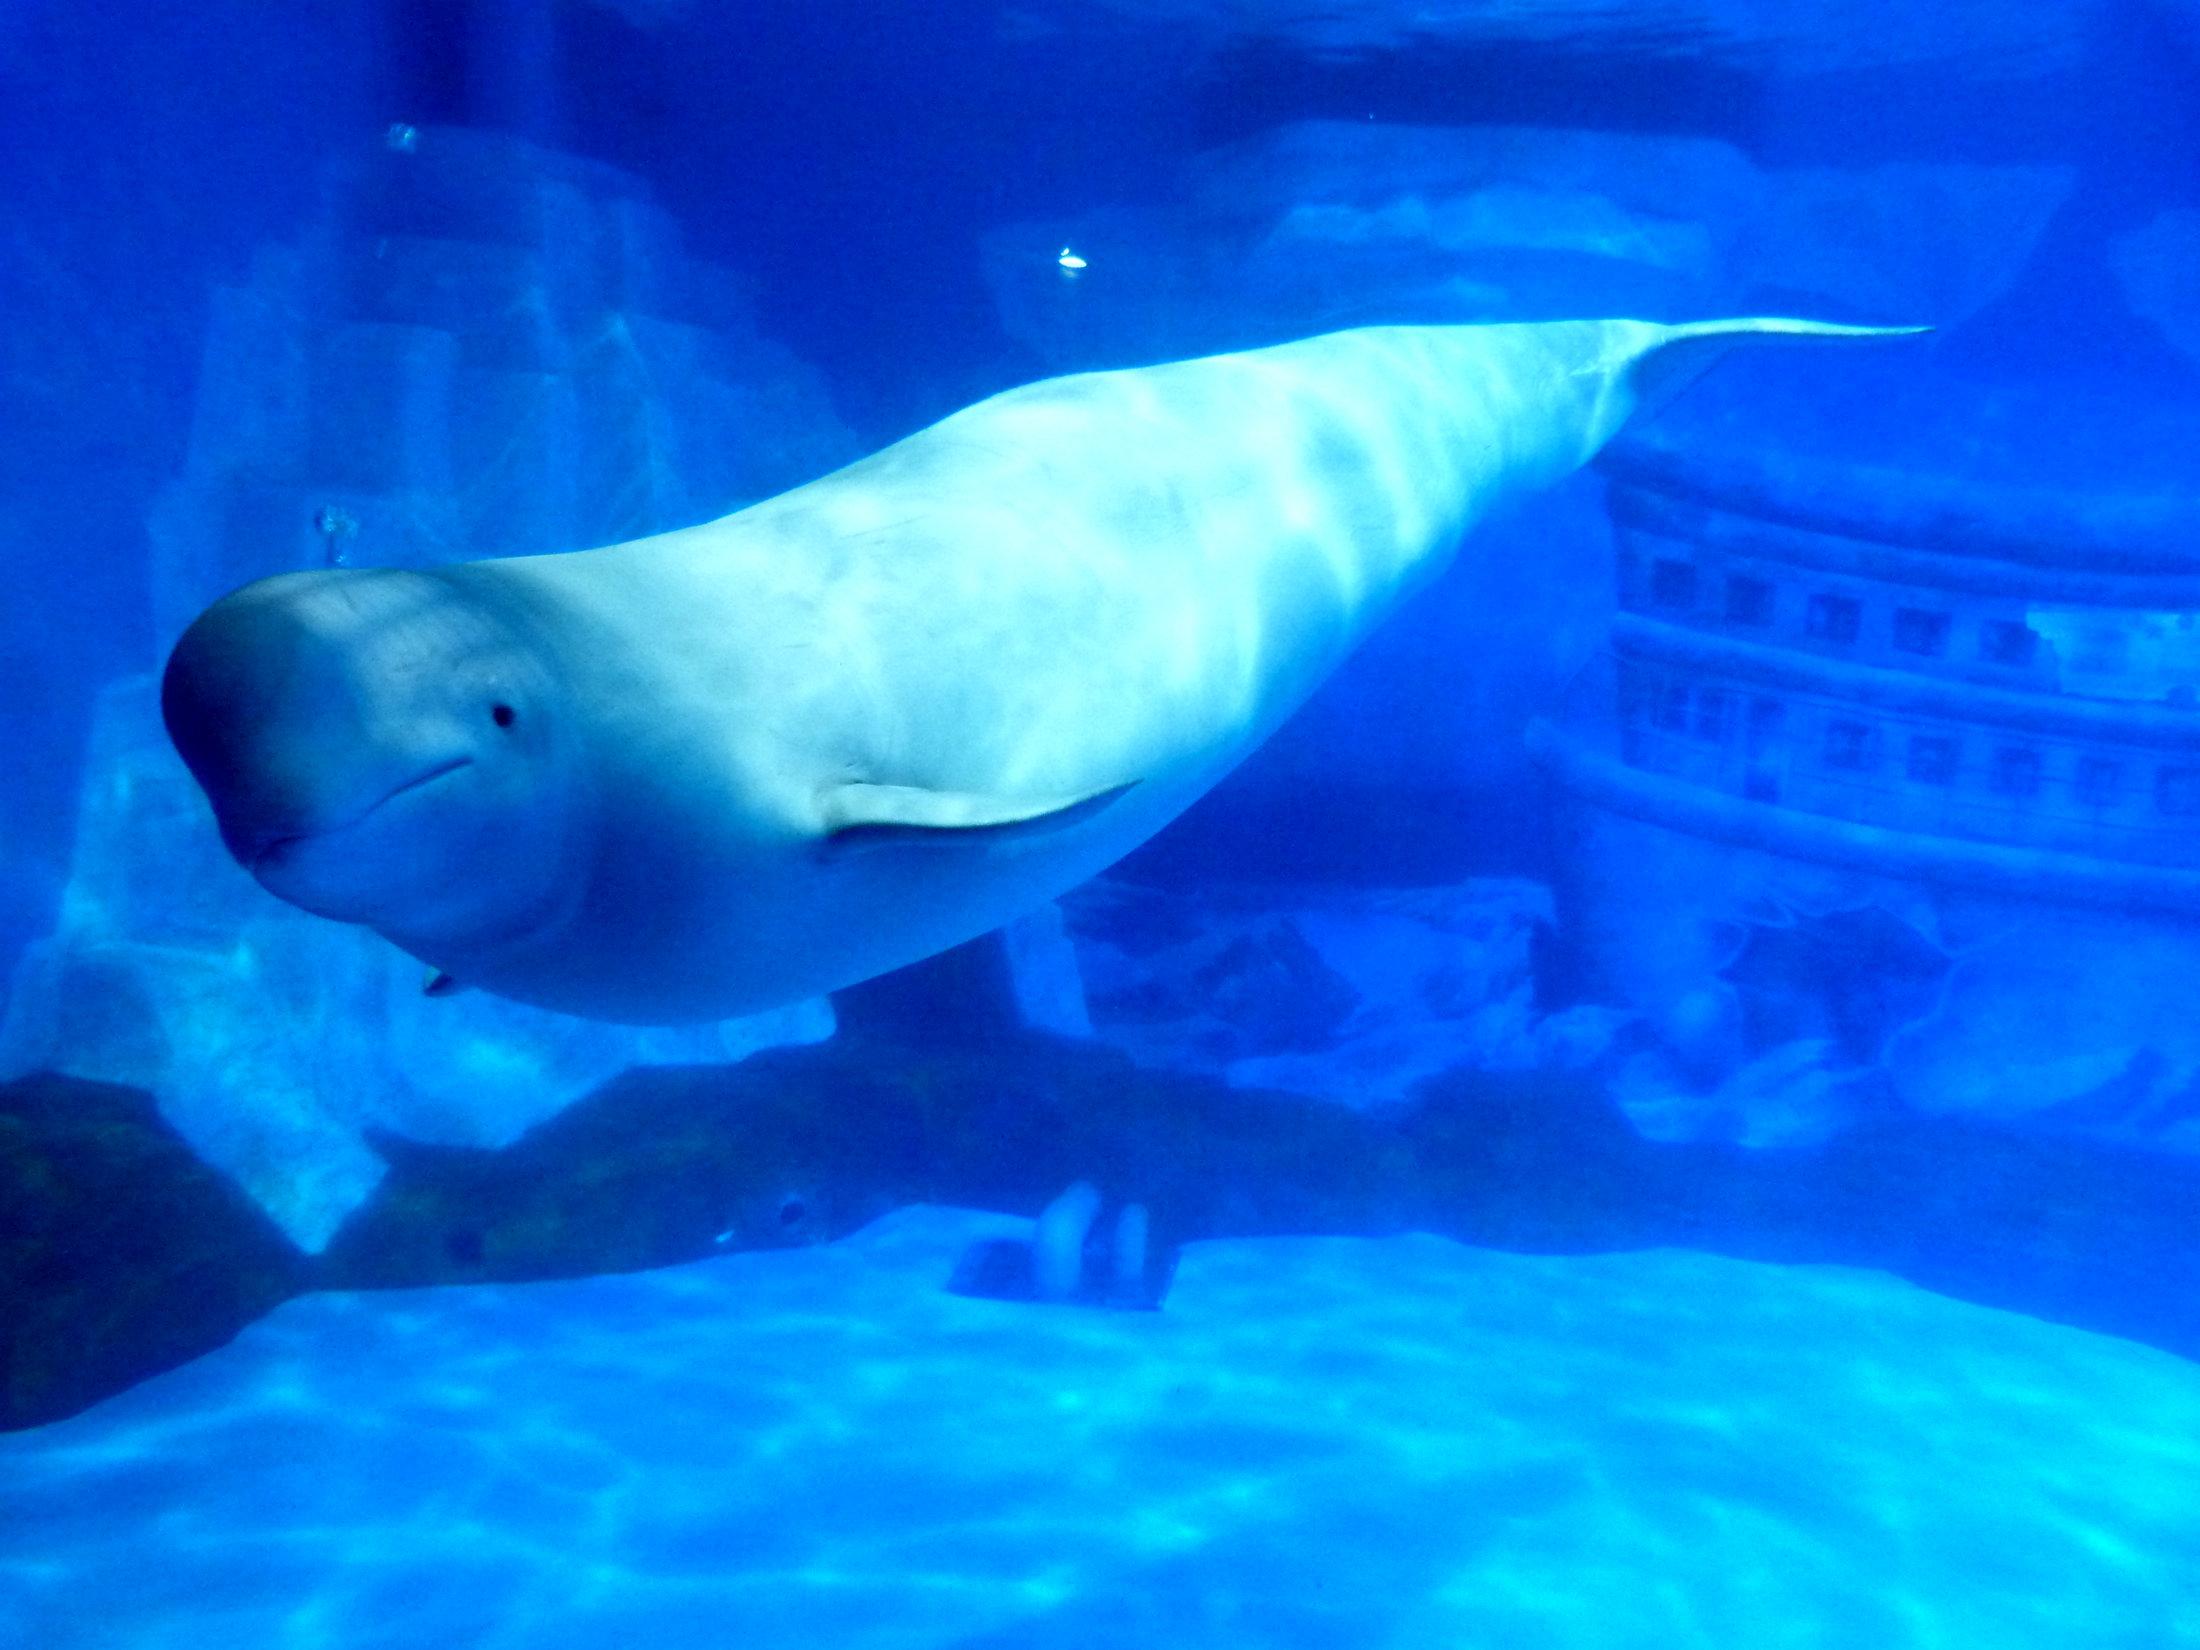 在极地馆,我们先到表演场看海豚表演,这个表演,同样是以讲故事的形式进行的。讲述了在一个叫做塔希提的海岛上,当地居民和海豚的故事。表演的时候,一边是海豚在欢快雀跃的坐着跳远表演,另外一边,外籍演员在一边,从很高的地方做出各种滑稽的跳水跳台动作。有只大白鲸也时不时得在水池中游来游去。看完表演,我们继续在极地馆的一楼和二楼参观。这里有很大很长的玻璃水族箱,可以看到多种多样的海洋和极地生物。大白鲸特别喜欢游客,它们在水族箱里游来游去,但只要看见有游客,特别是小孩子贴